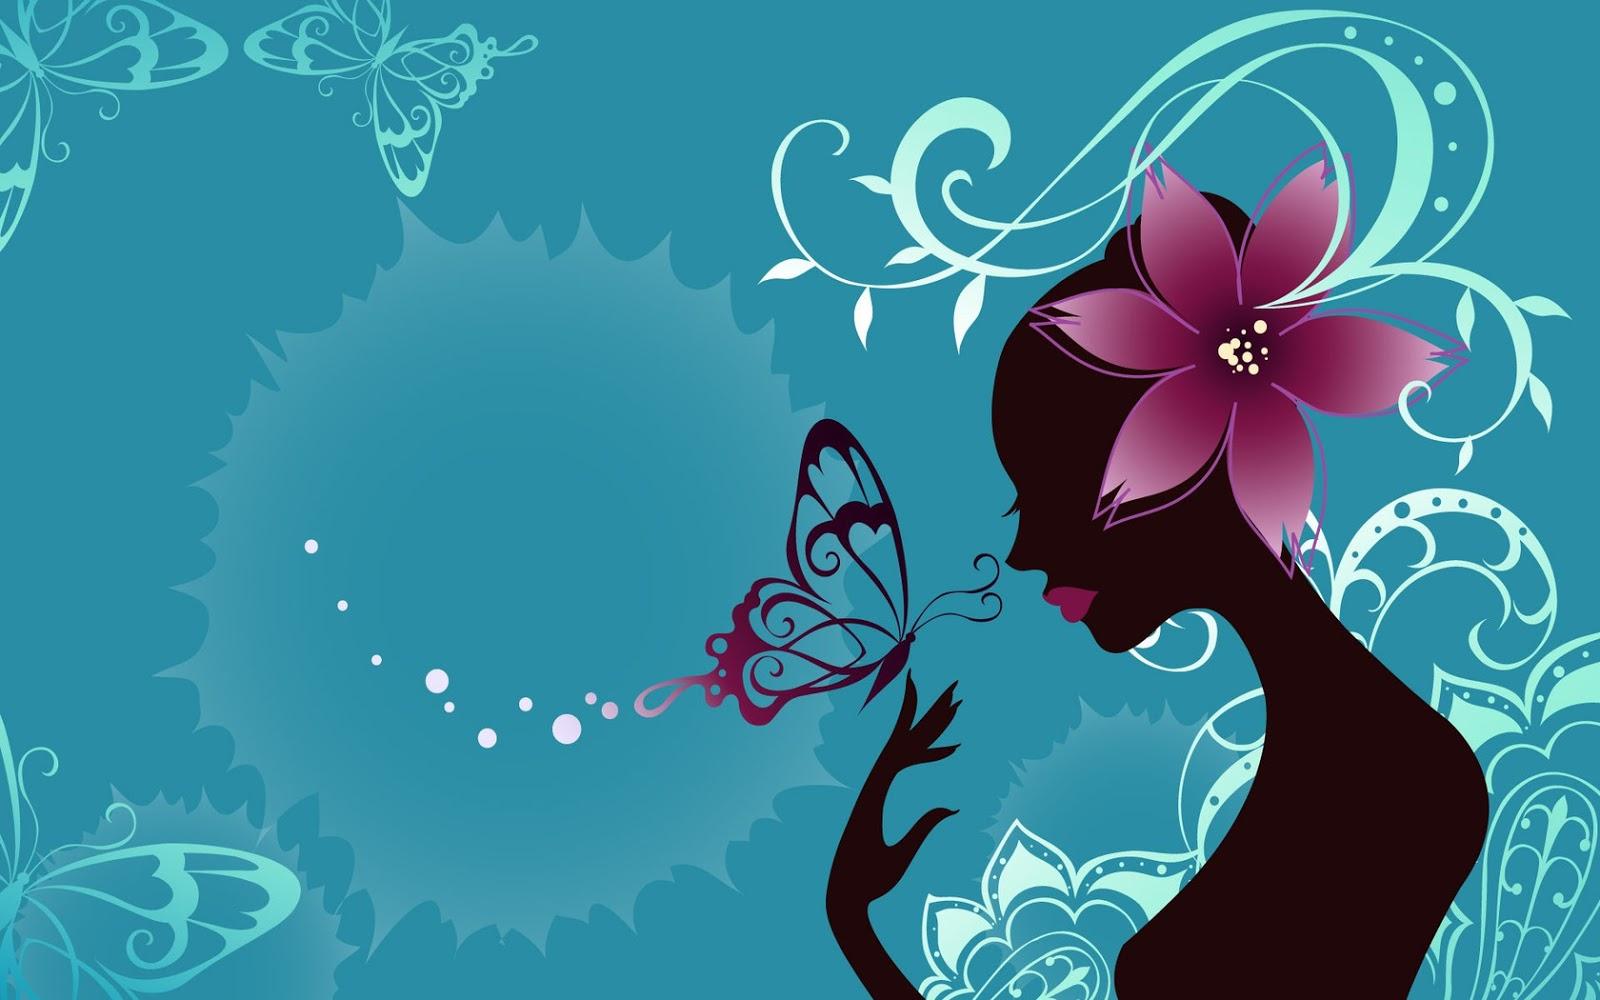 Artistic Quotes Wallpaper Banco De Imagenes Y Fotos Gratis Wallpapers De Mariposas 1